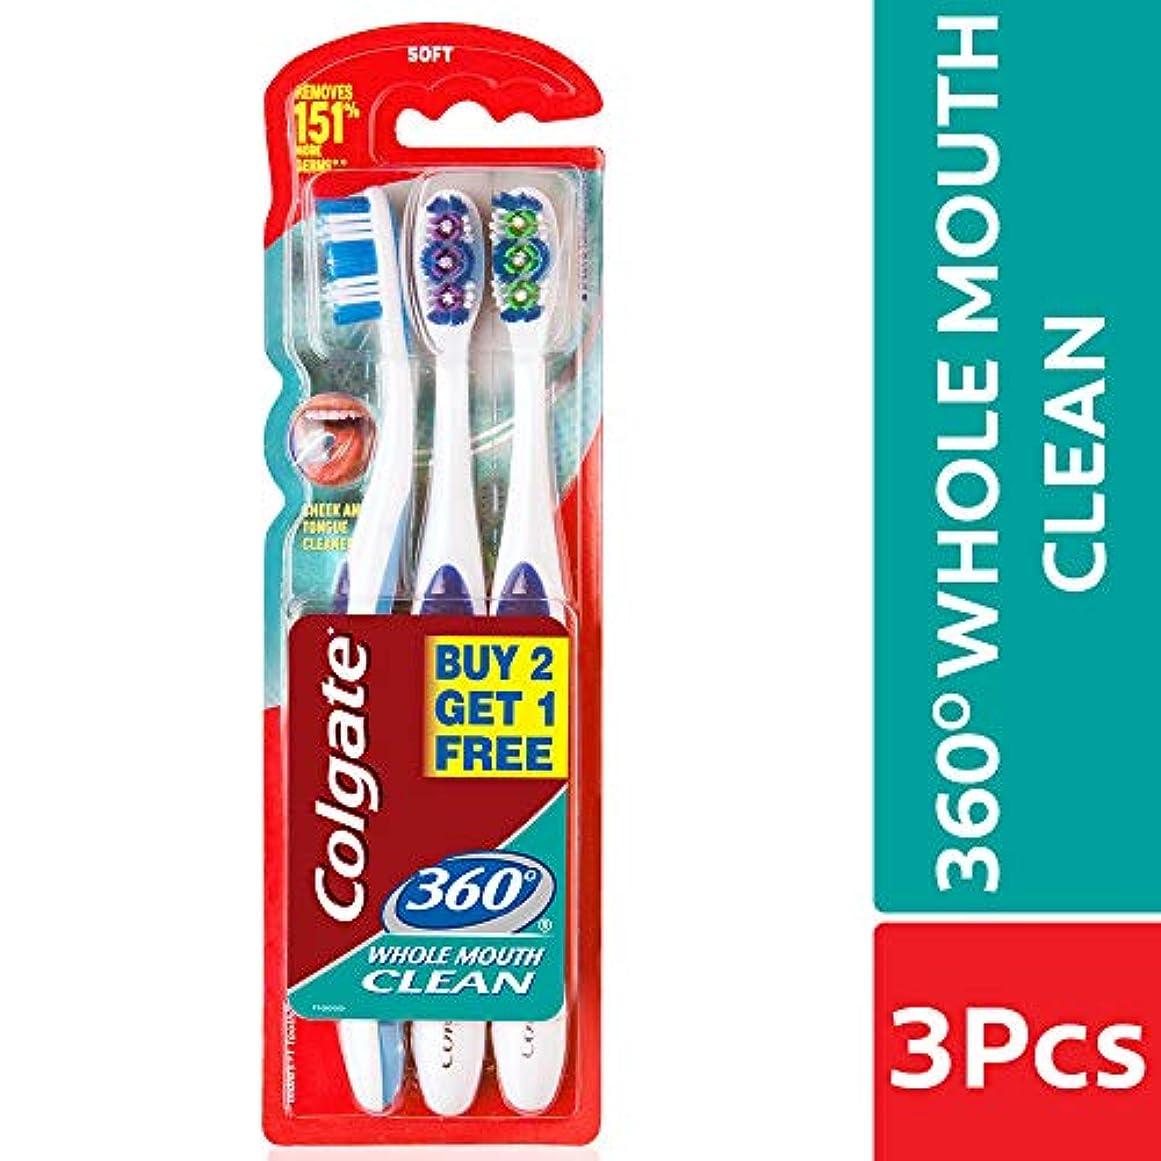 故意の下位ベリーColgate 360 whole mouth clean (MEDIUM) toothbrush (3pc pack)